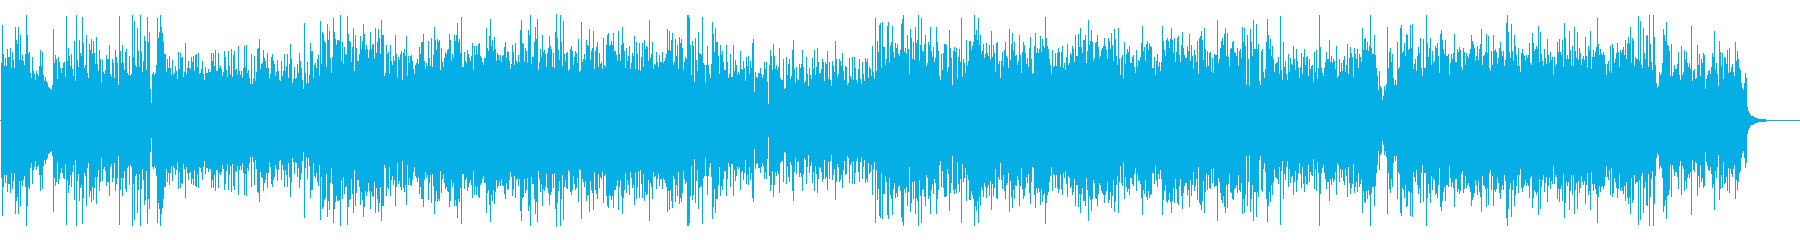 熱血系の前向きな女性ボーカル曲の再生済みの波形